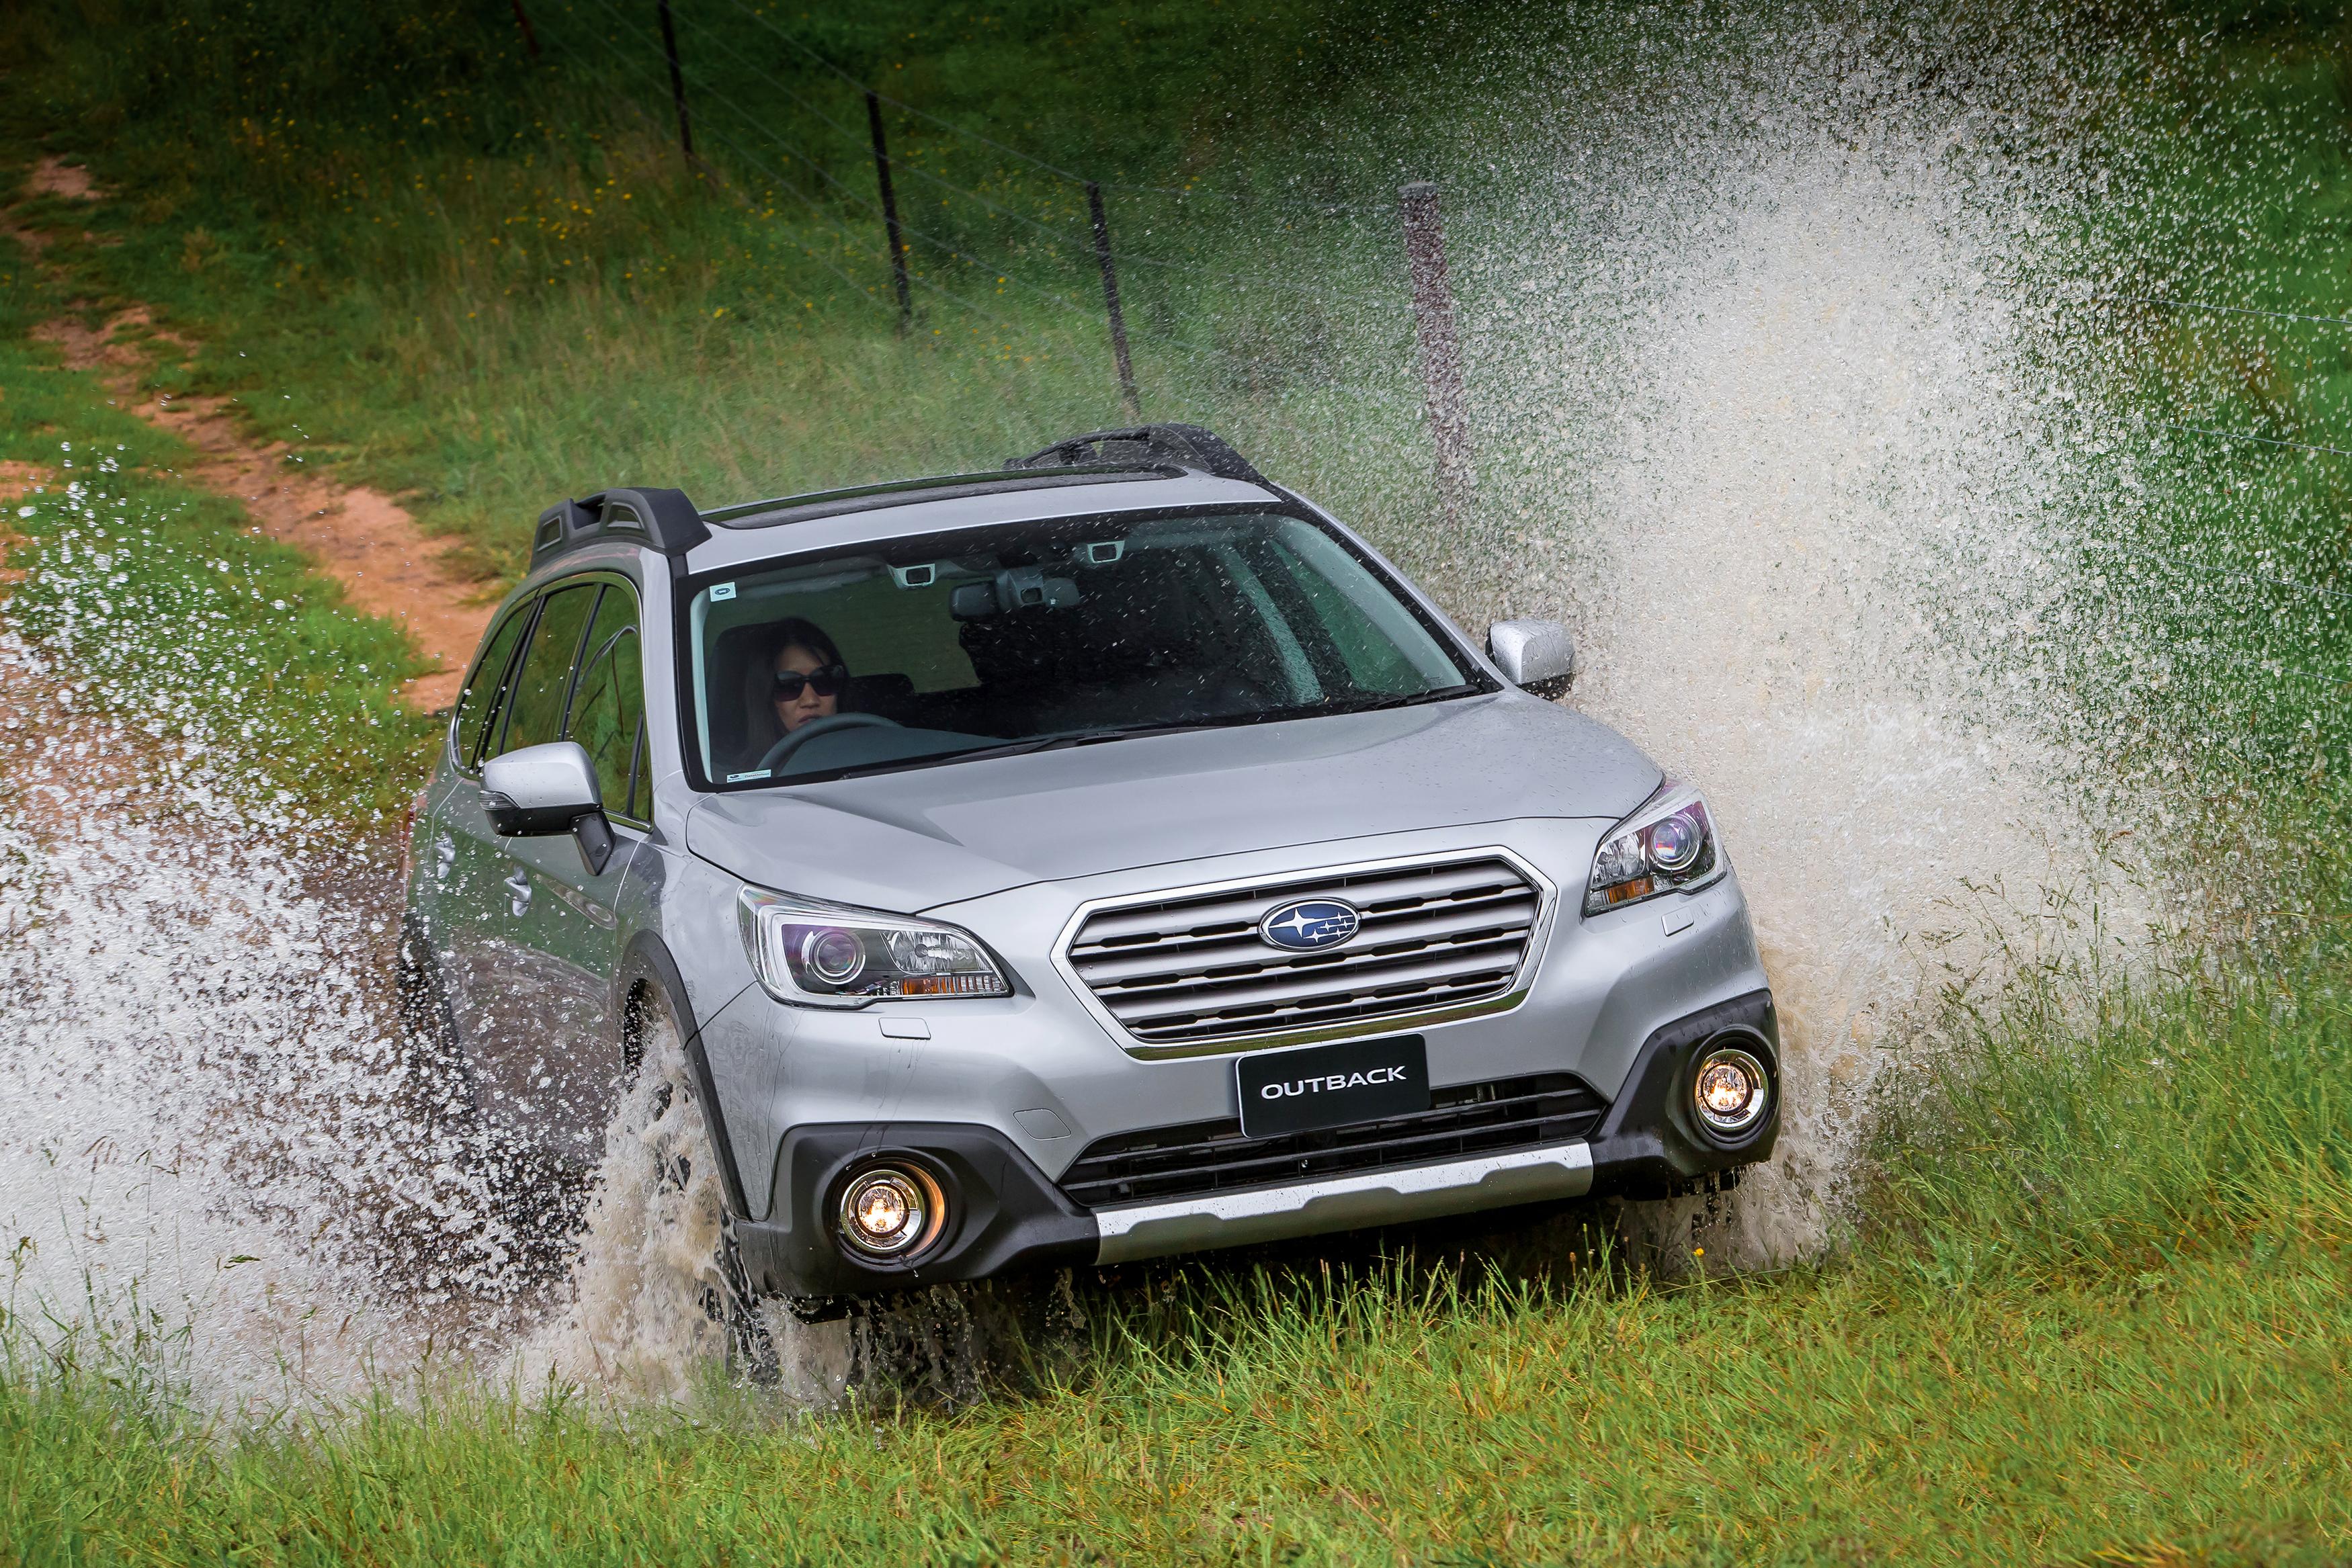 2016 Subaru Outback Review - photos | CarAdvice